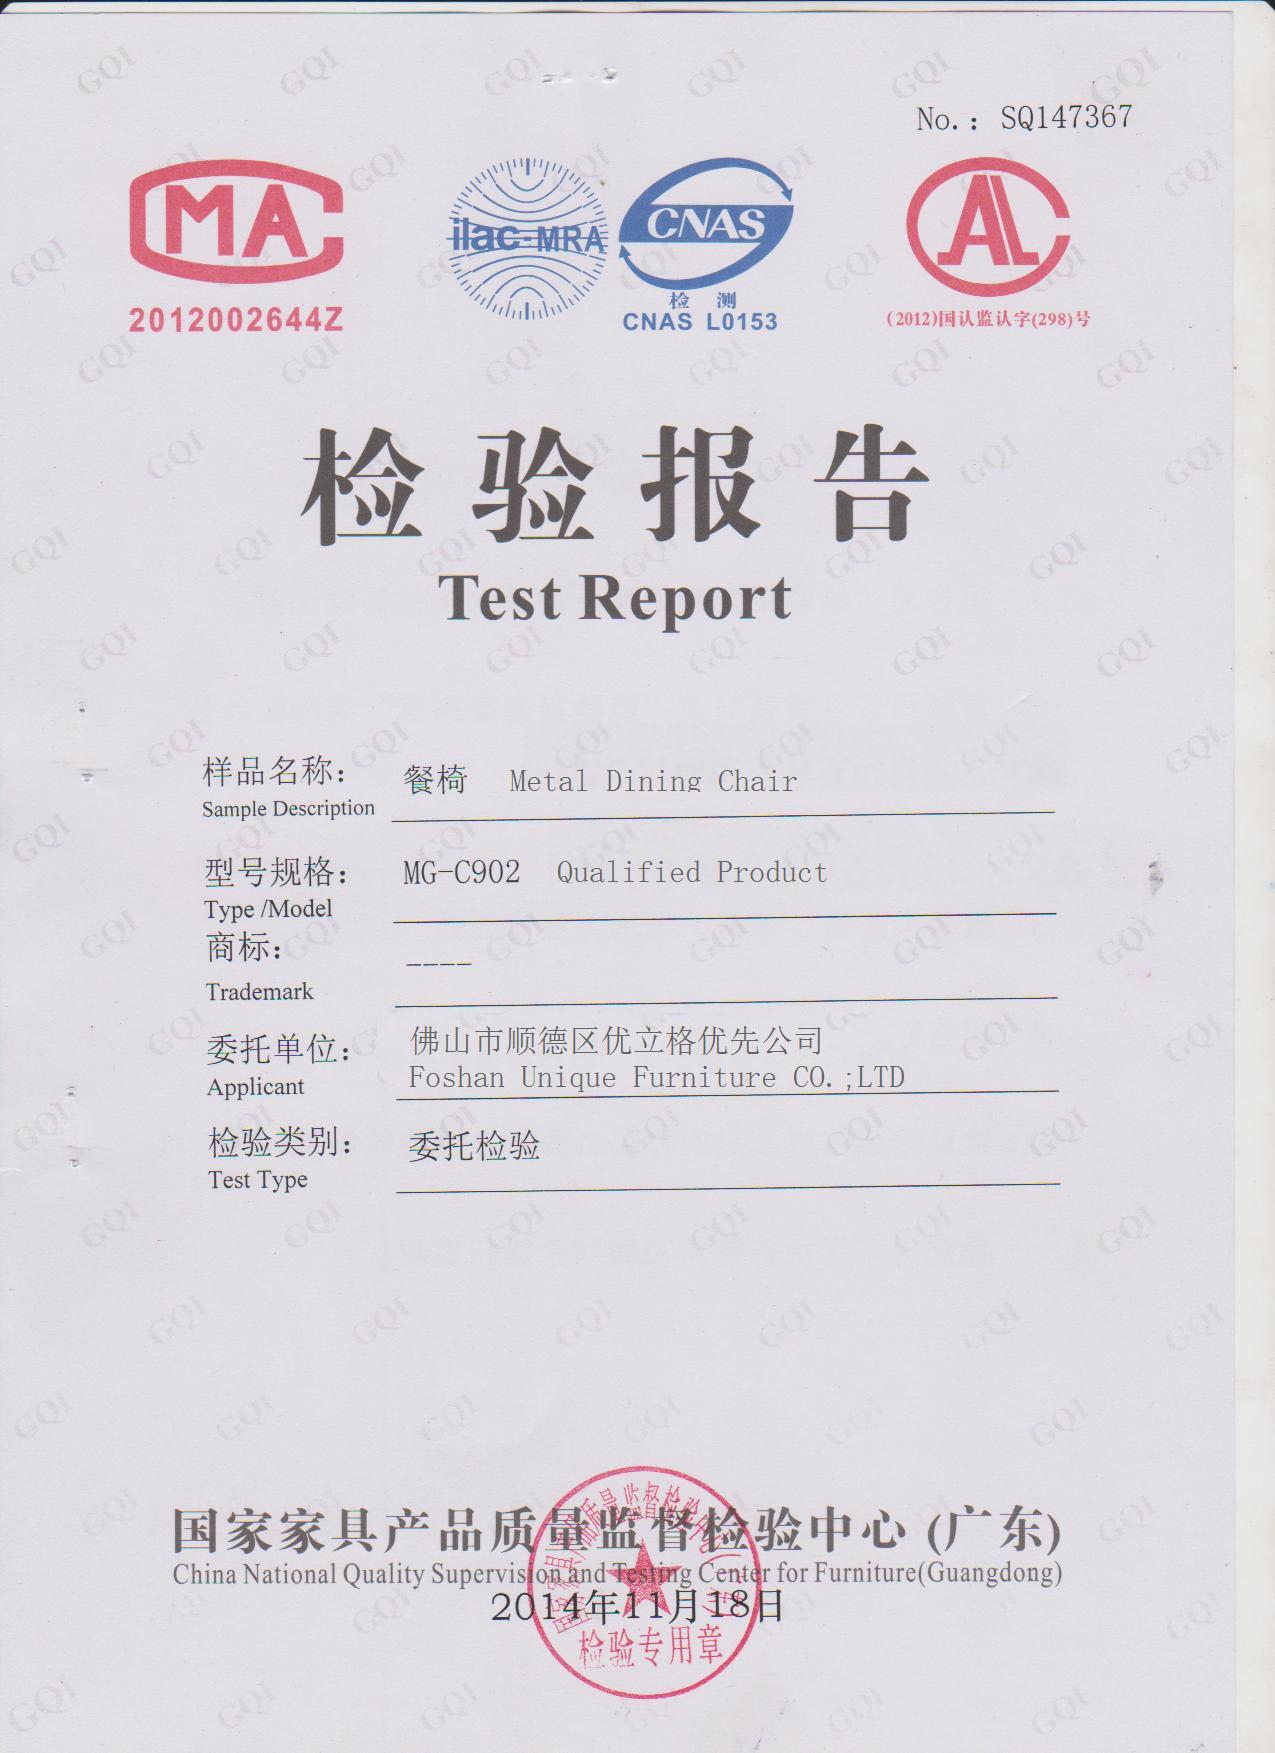 Test Report Foshan Unique Furniture Co Ltd